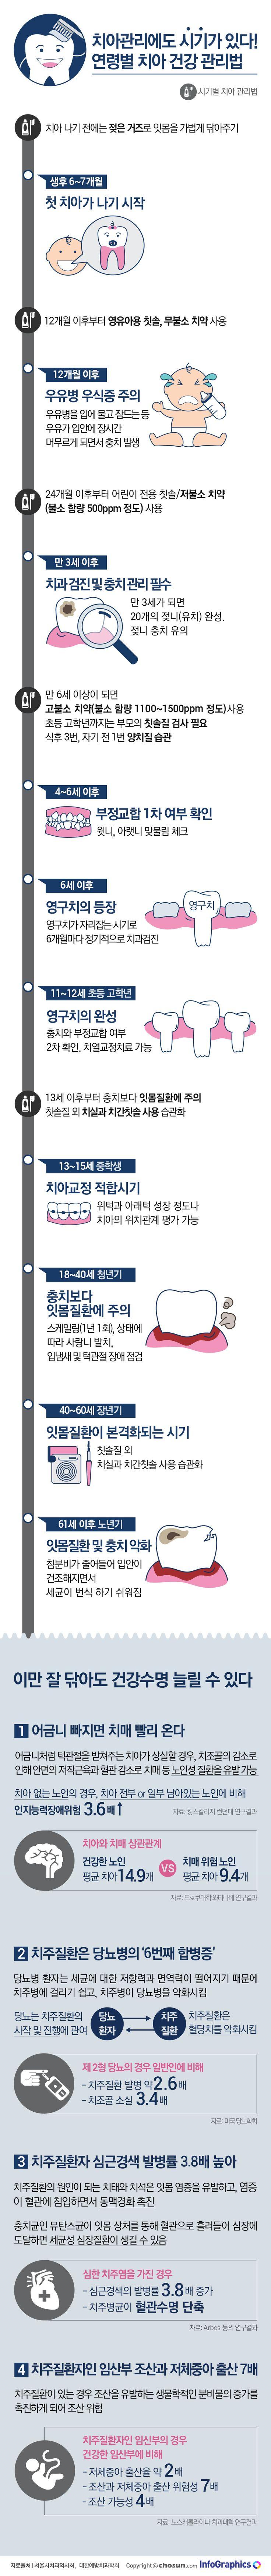 치아 건강은 오복(五福) 중 하나다. 백세시대를 맞아 건강하고 행복하게 살기 위해 치아 건강은 필수불가결한 요소다. 노년의 삶의 질은 치아가 얼마나 튼튼하냐의 여부에 달려있다고 할 정도로 중요하다. 치아가 나빠지면 몸 전체가 영향을 받는다. 음식을 제대로 씹지 못할 경우, 소화와 영양에 문제가 생기는 것은 물론이고 여러 가지 질병이 생길 수 있다.